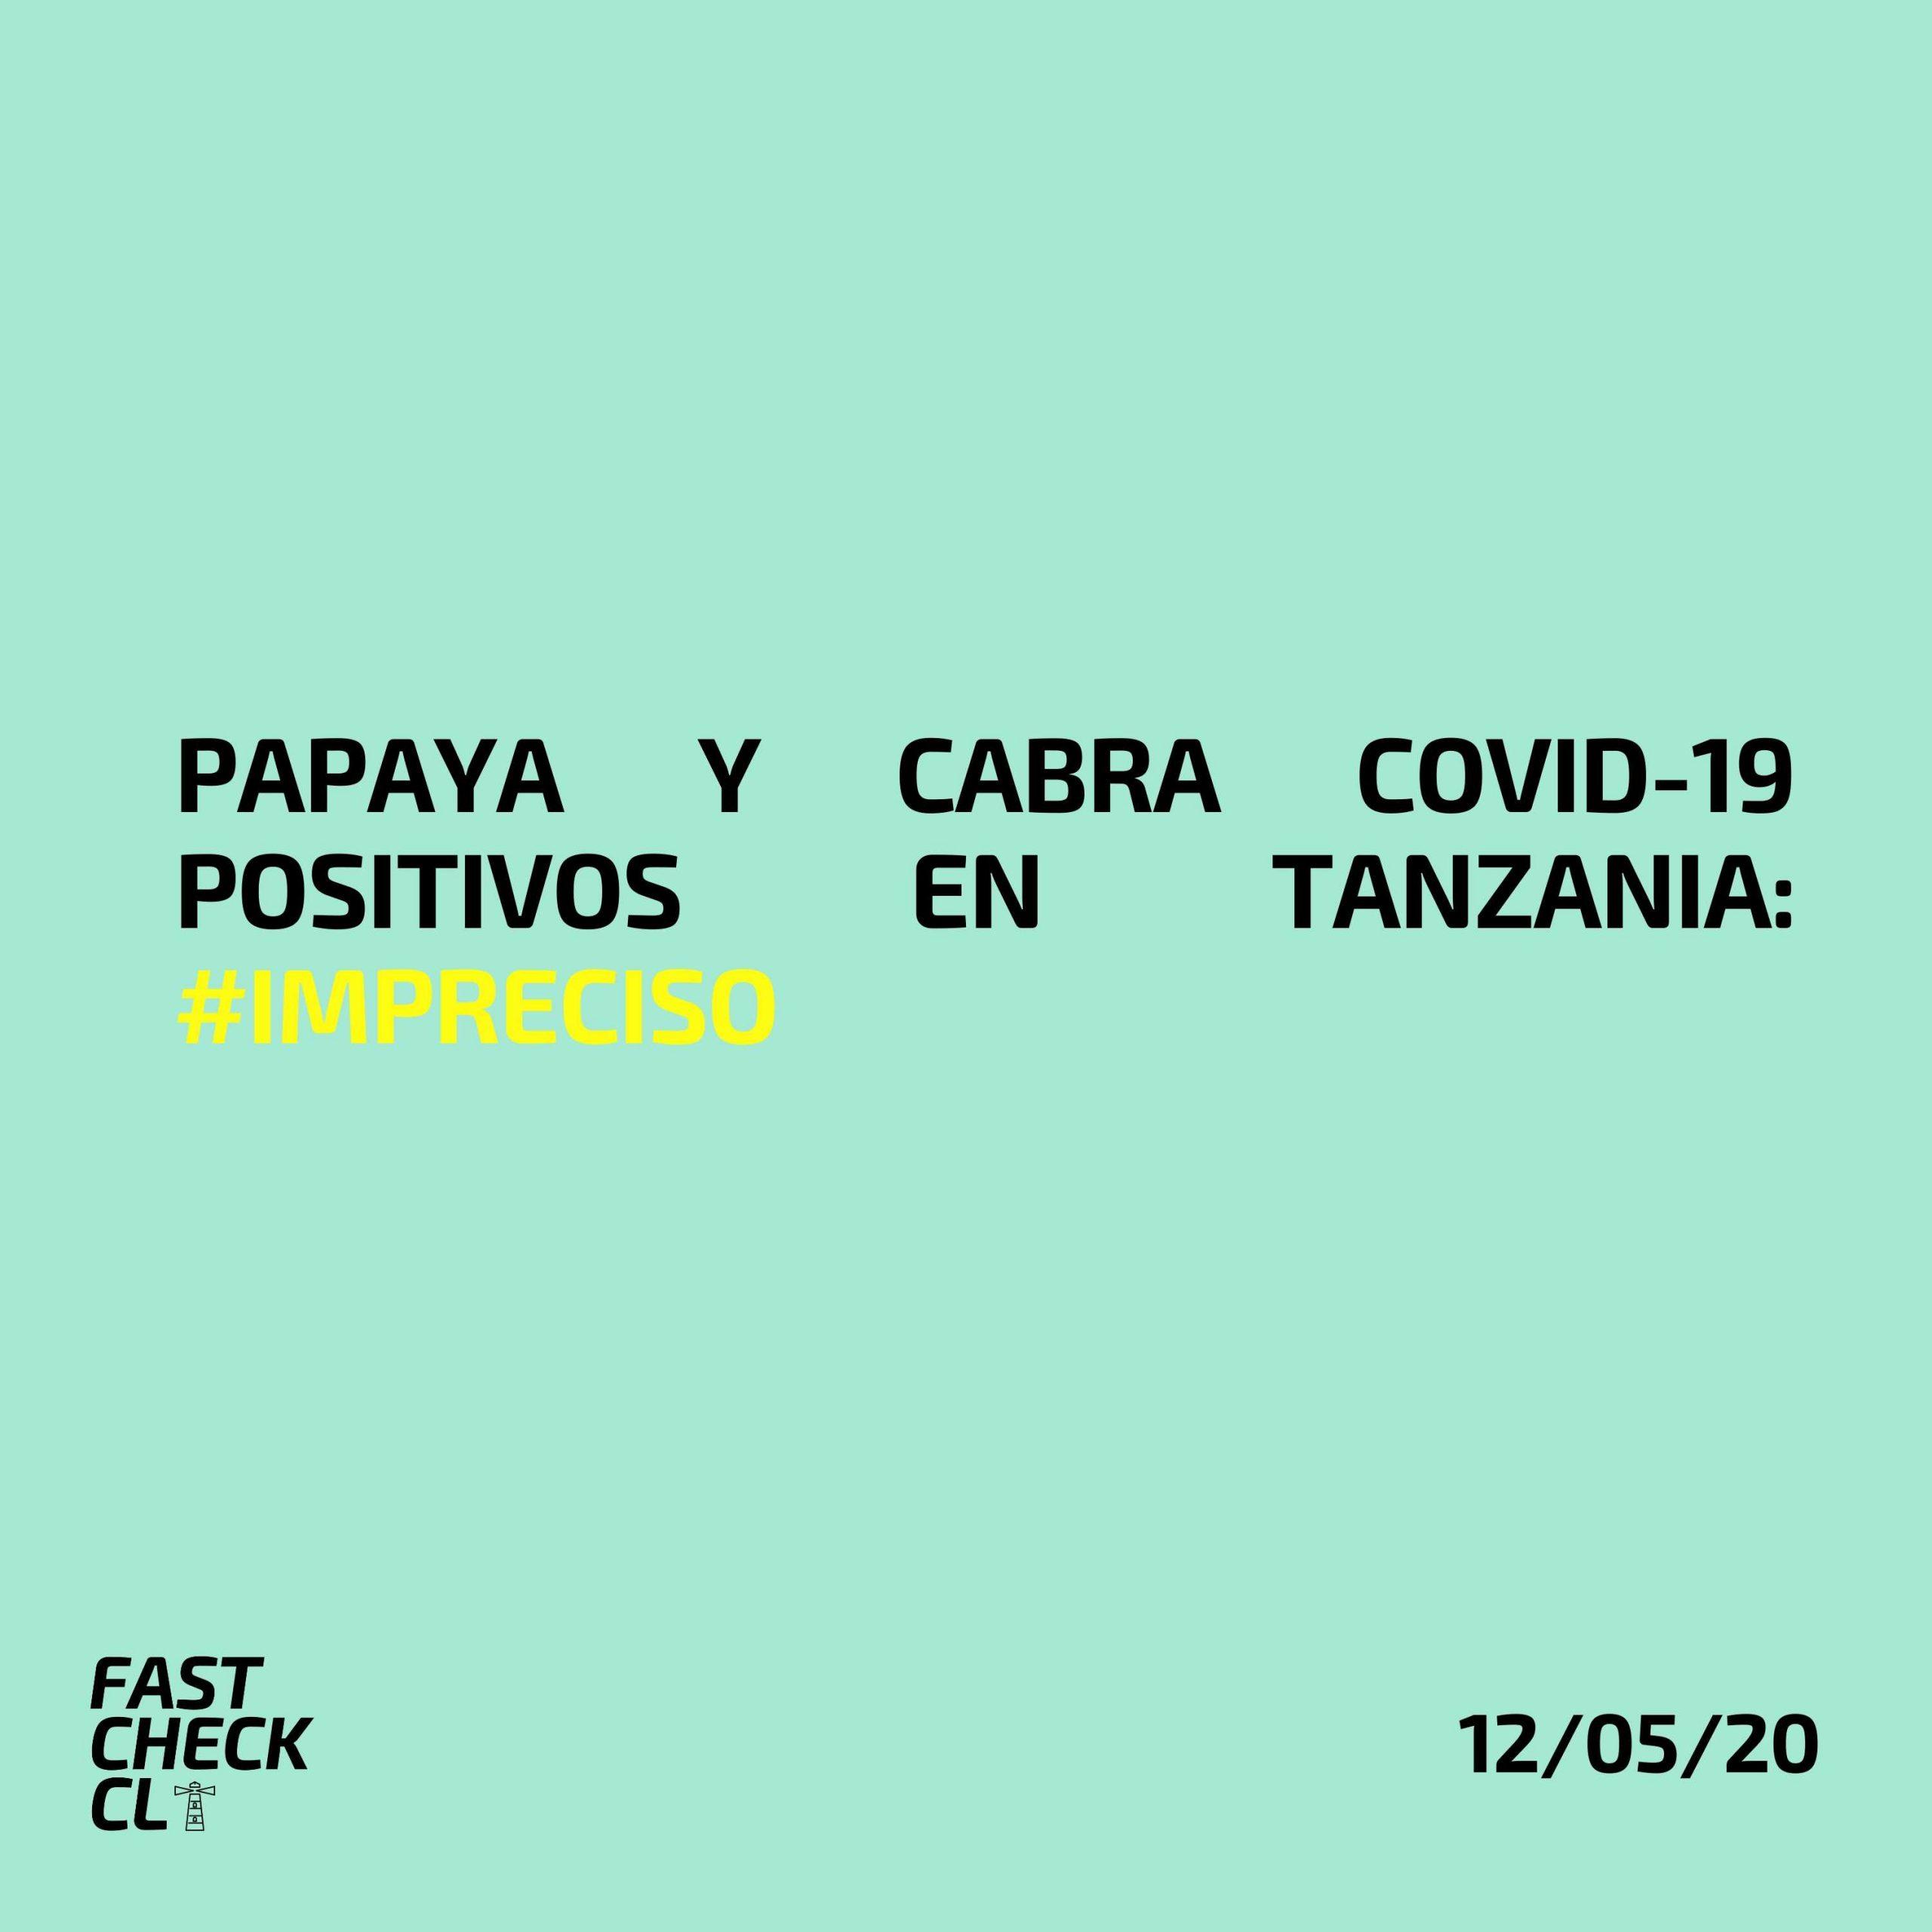 Papaya y cabra Covid-19 positivos en Tanzania: #Impreciso